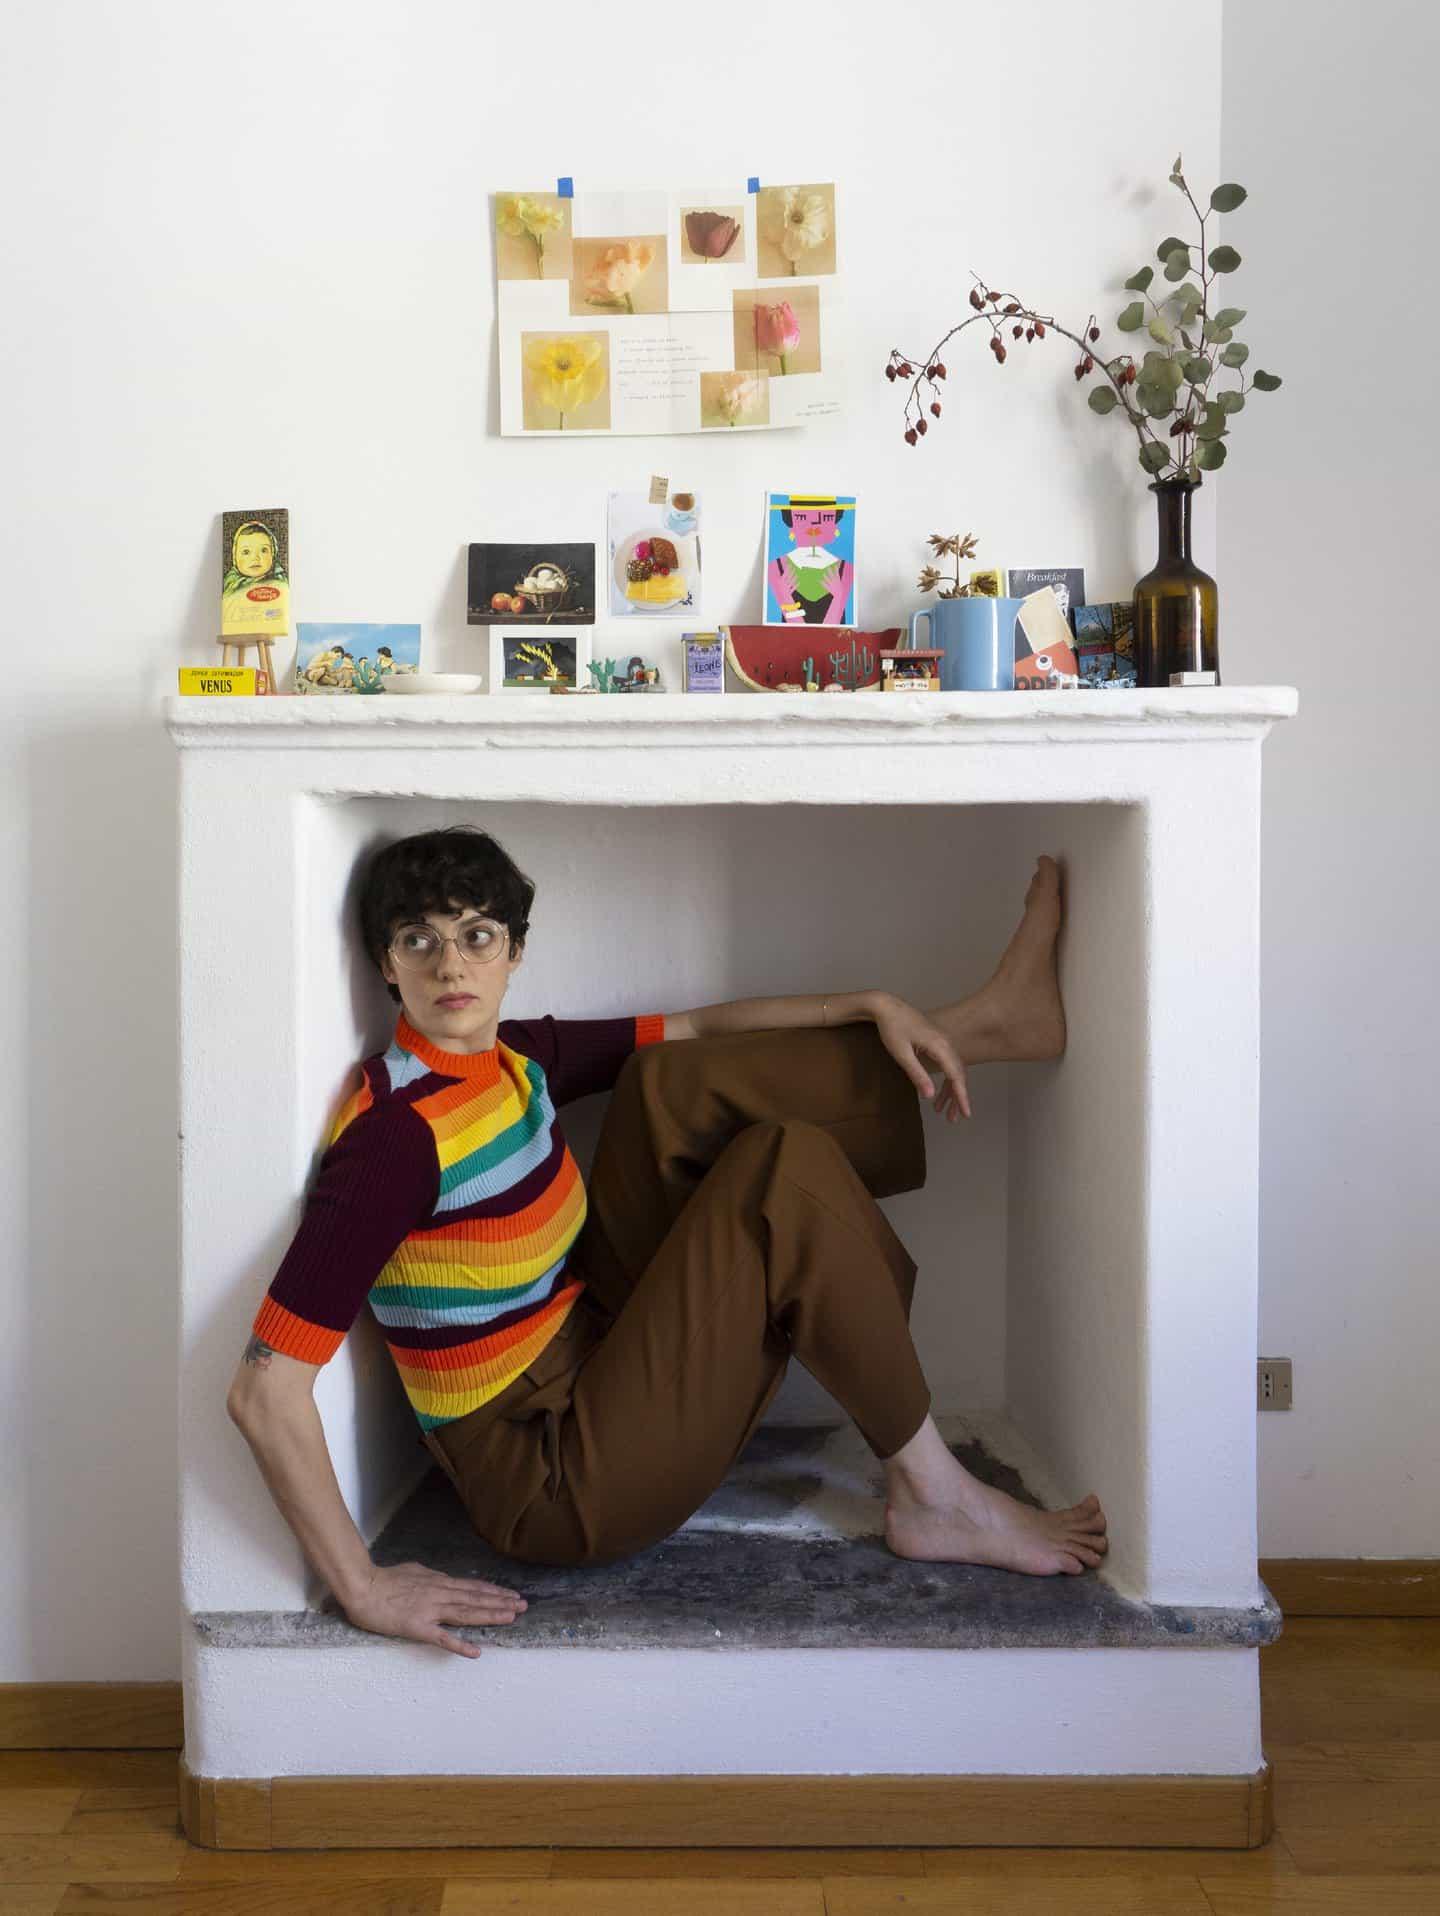 Olimpia Zagnoli: Retrato de uno mismo en casa, Milán 2020